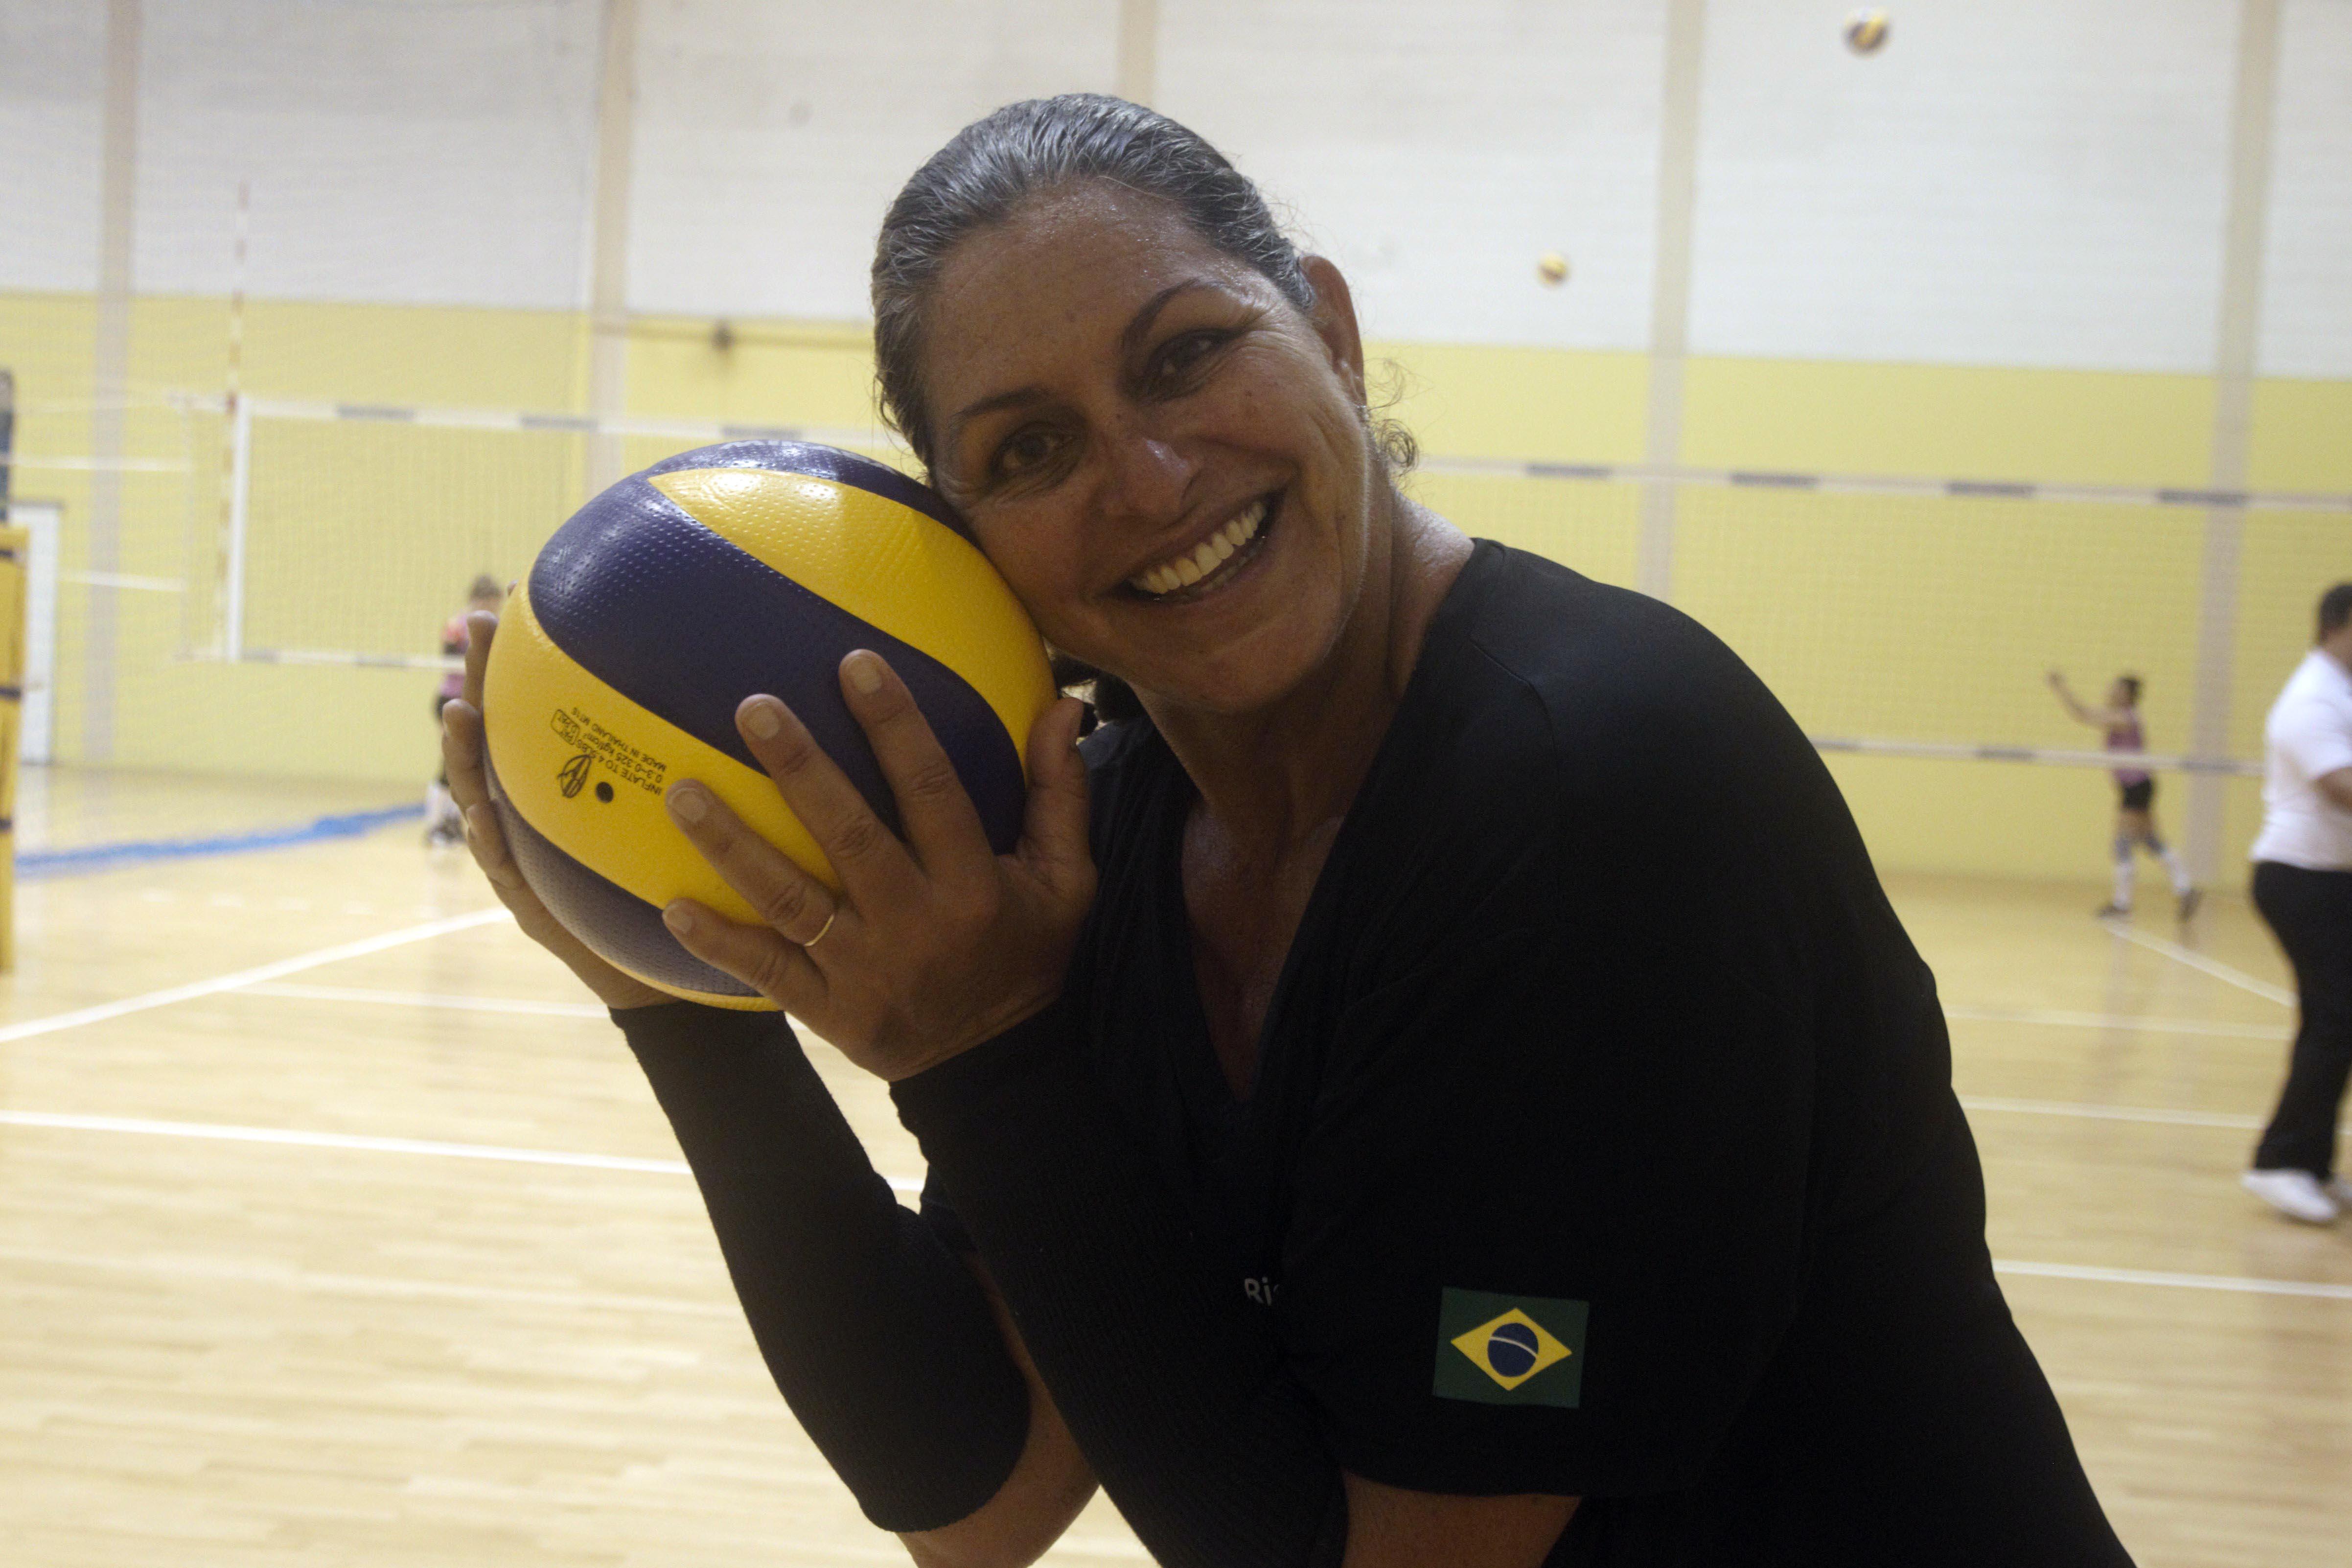 Medalhista olímpica Mônica Rodrigues celebra 25 anos do primeiro ouro no Circuito Mundial dentro de quadra, no Vôlei Master